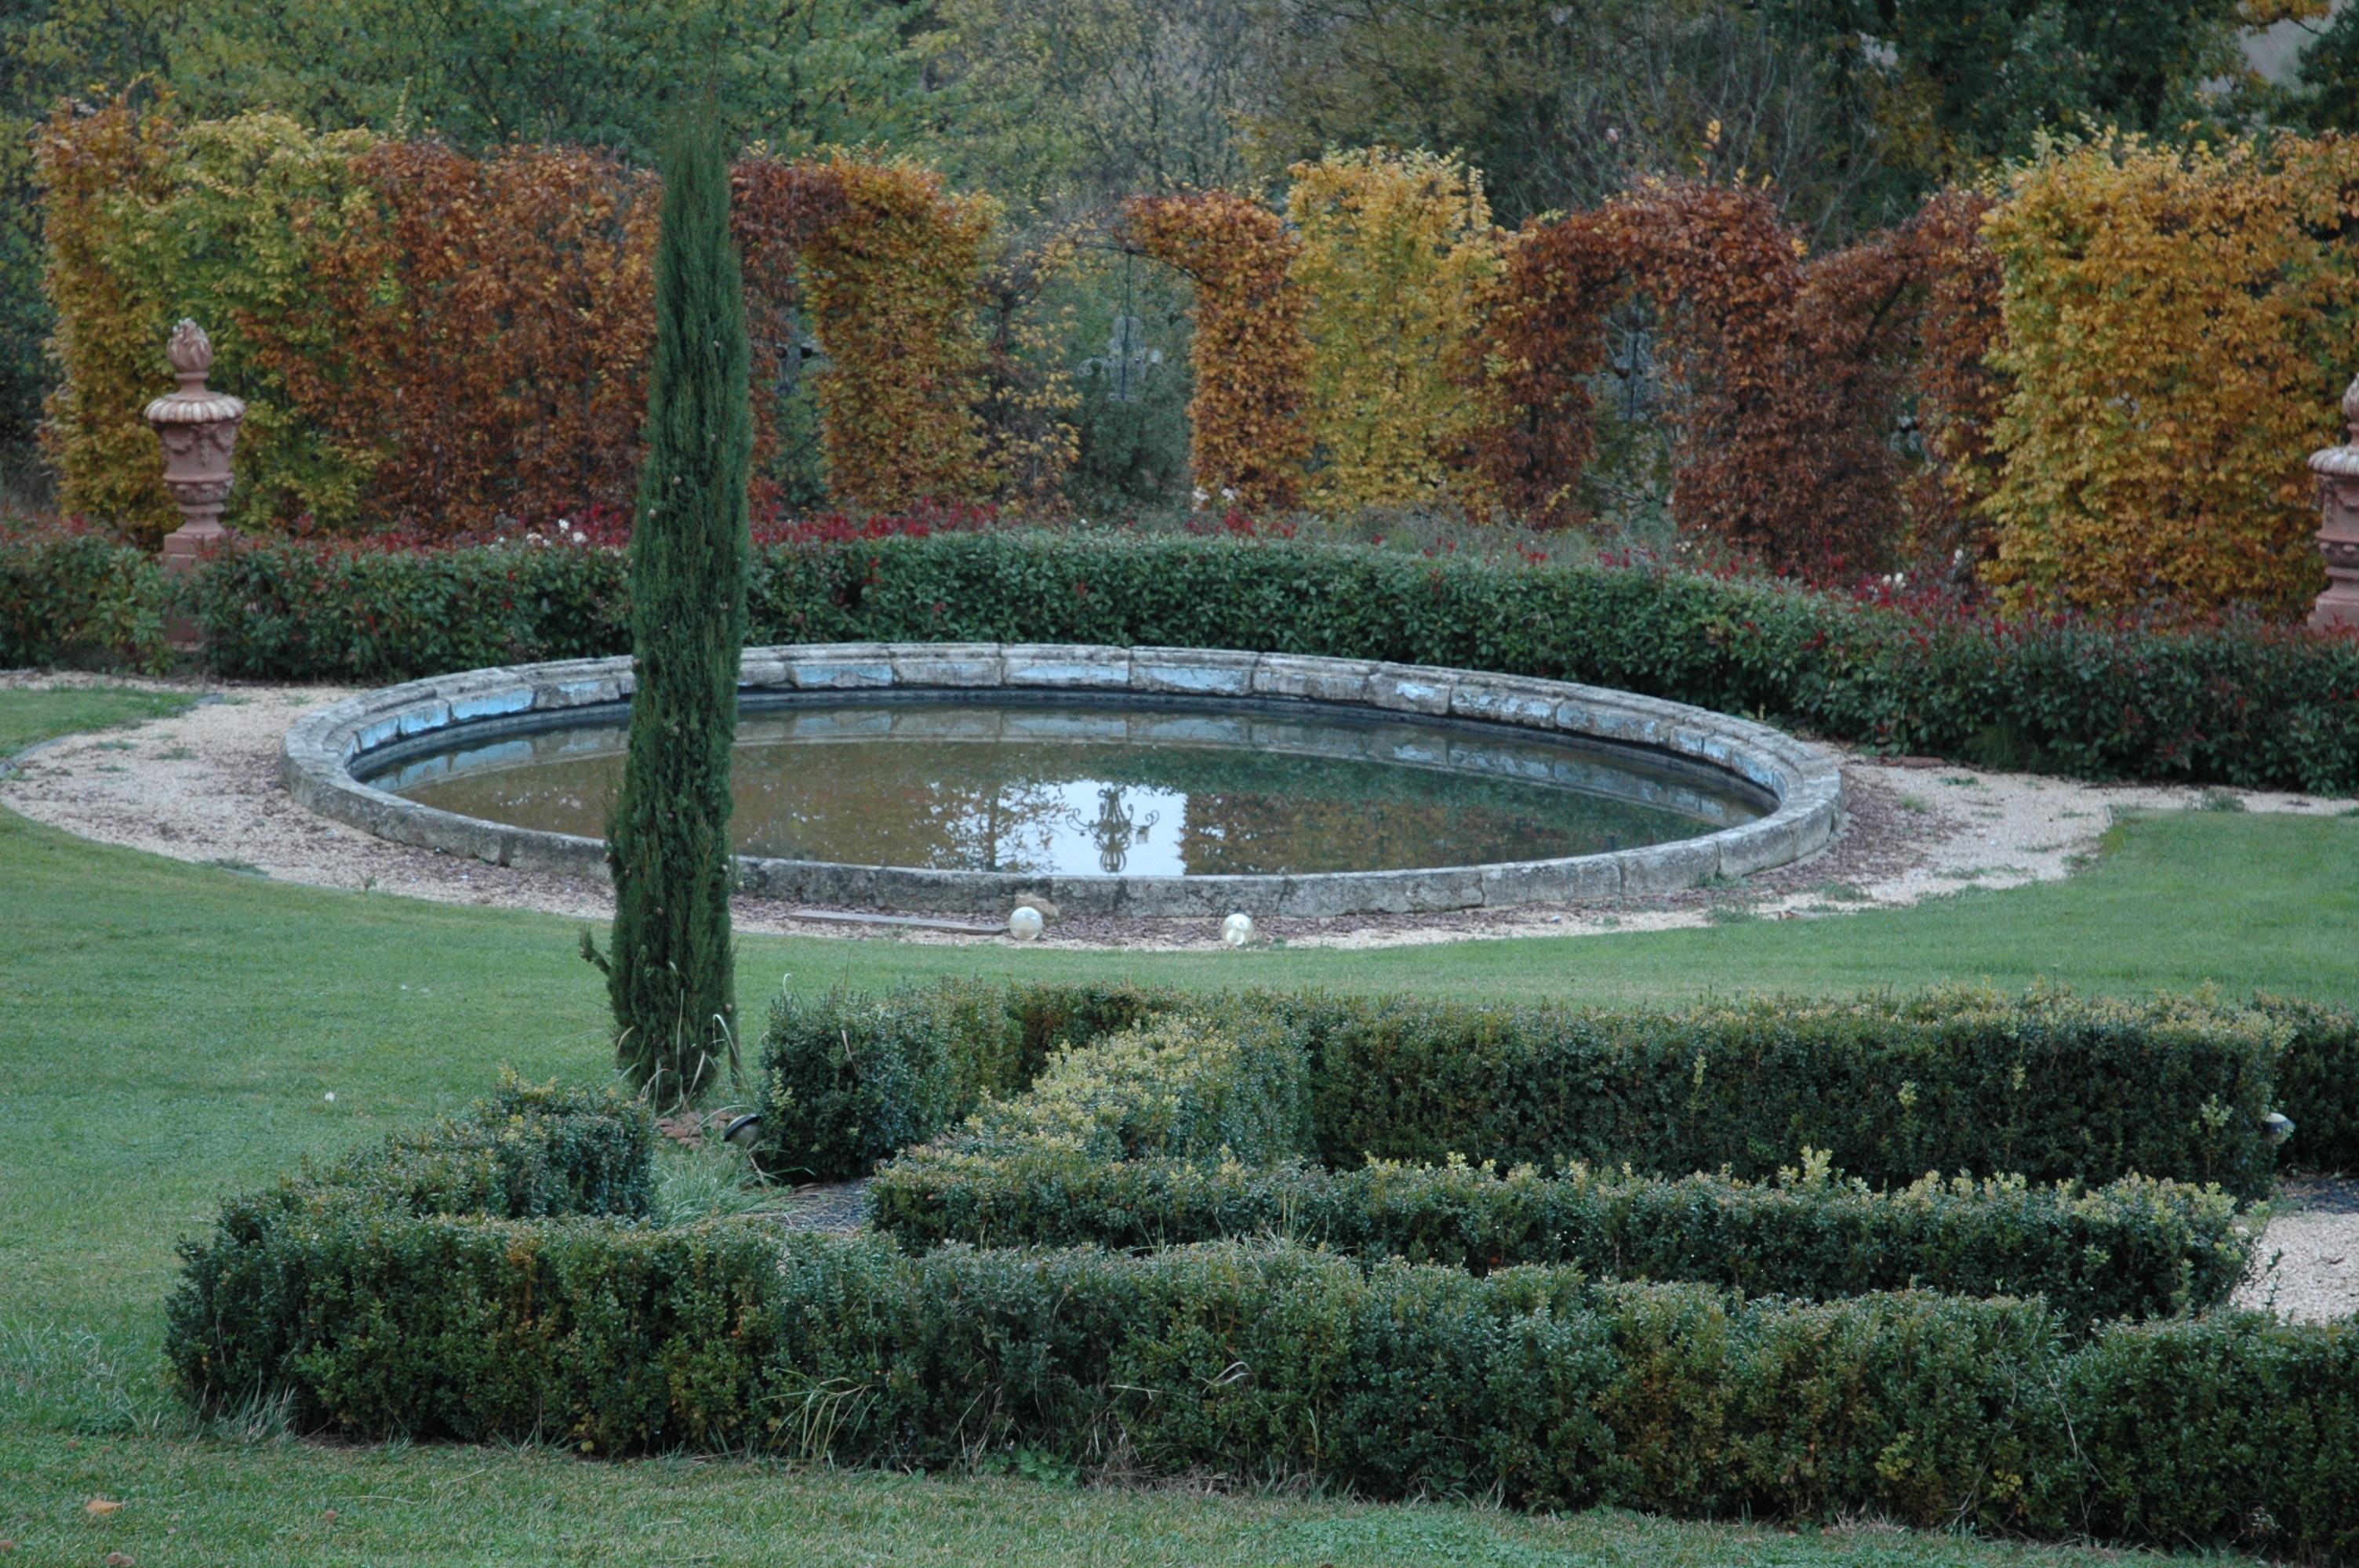 Bassin en pierre d'époque Louis XVI (diamètre 8 m) reposé dans le parc d'un château ToulousainCe bassin est reproduit en pierre reconstituée non gélive, chaque élément est scellé par une agrafe en fer forgé, le tout peut être patiné après la posePrix : nous consulter